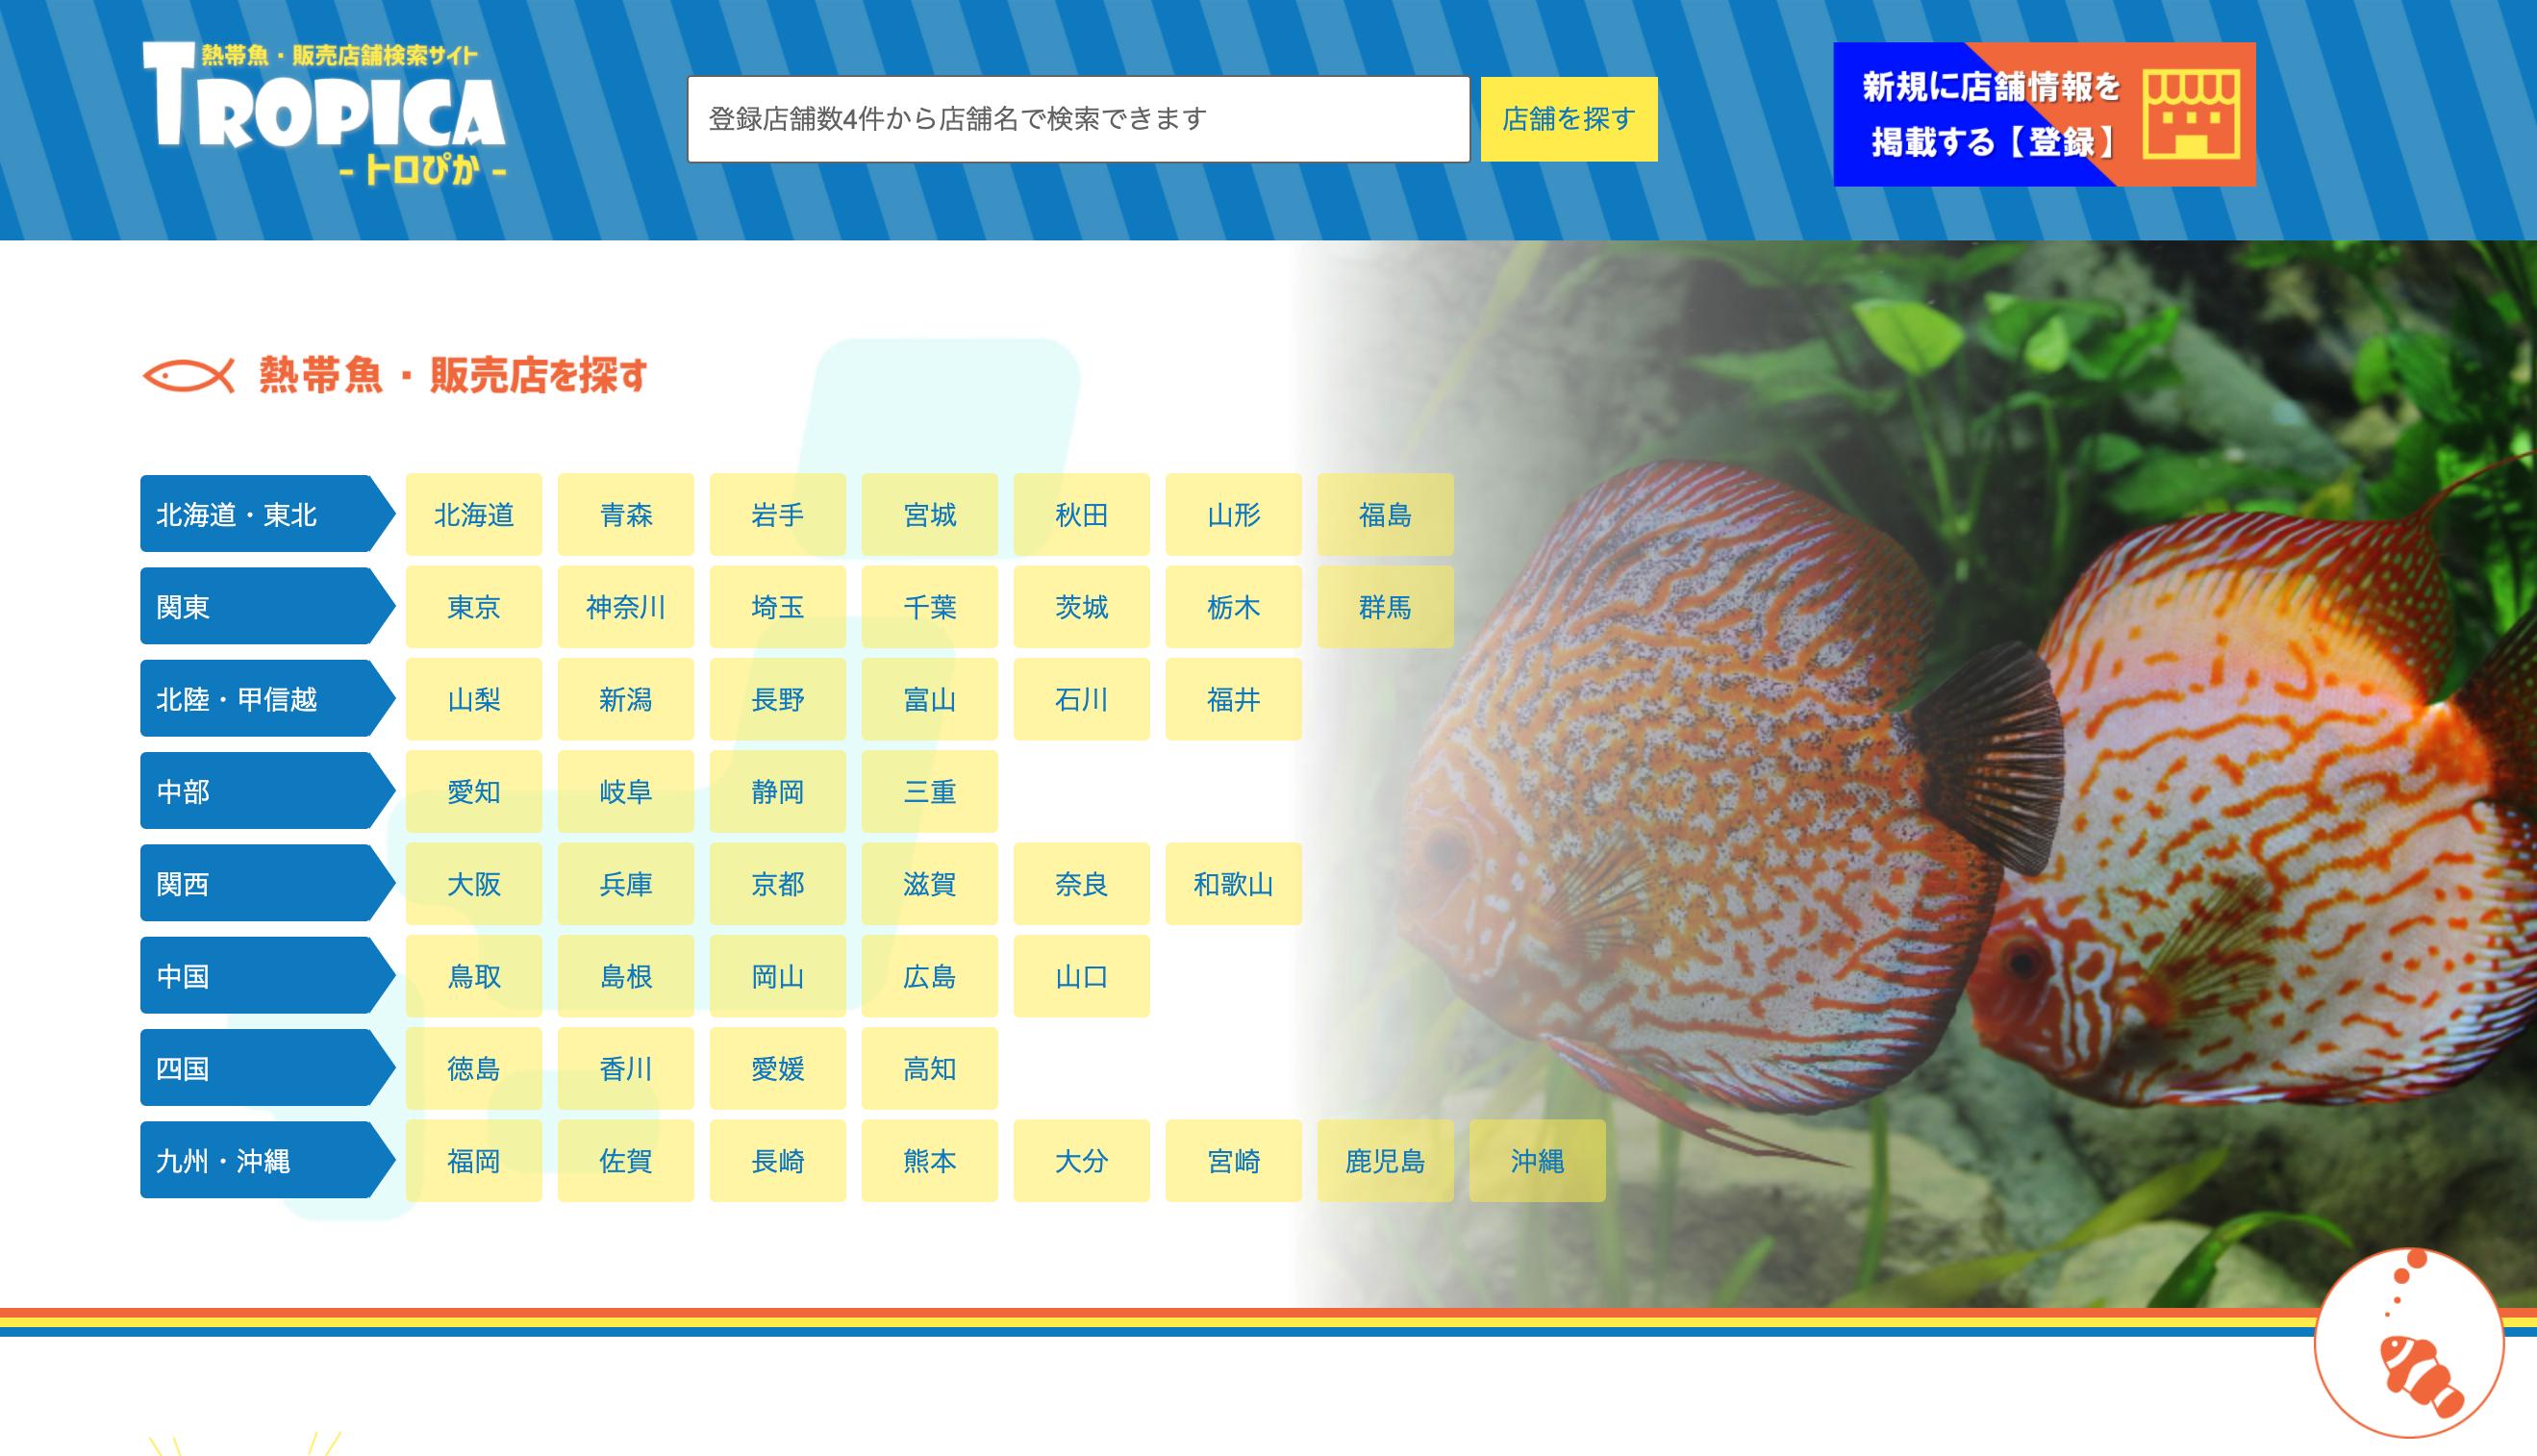 tropica-熱帯魚店舗検索ポータルサイト-